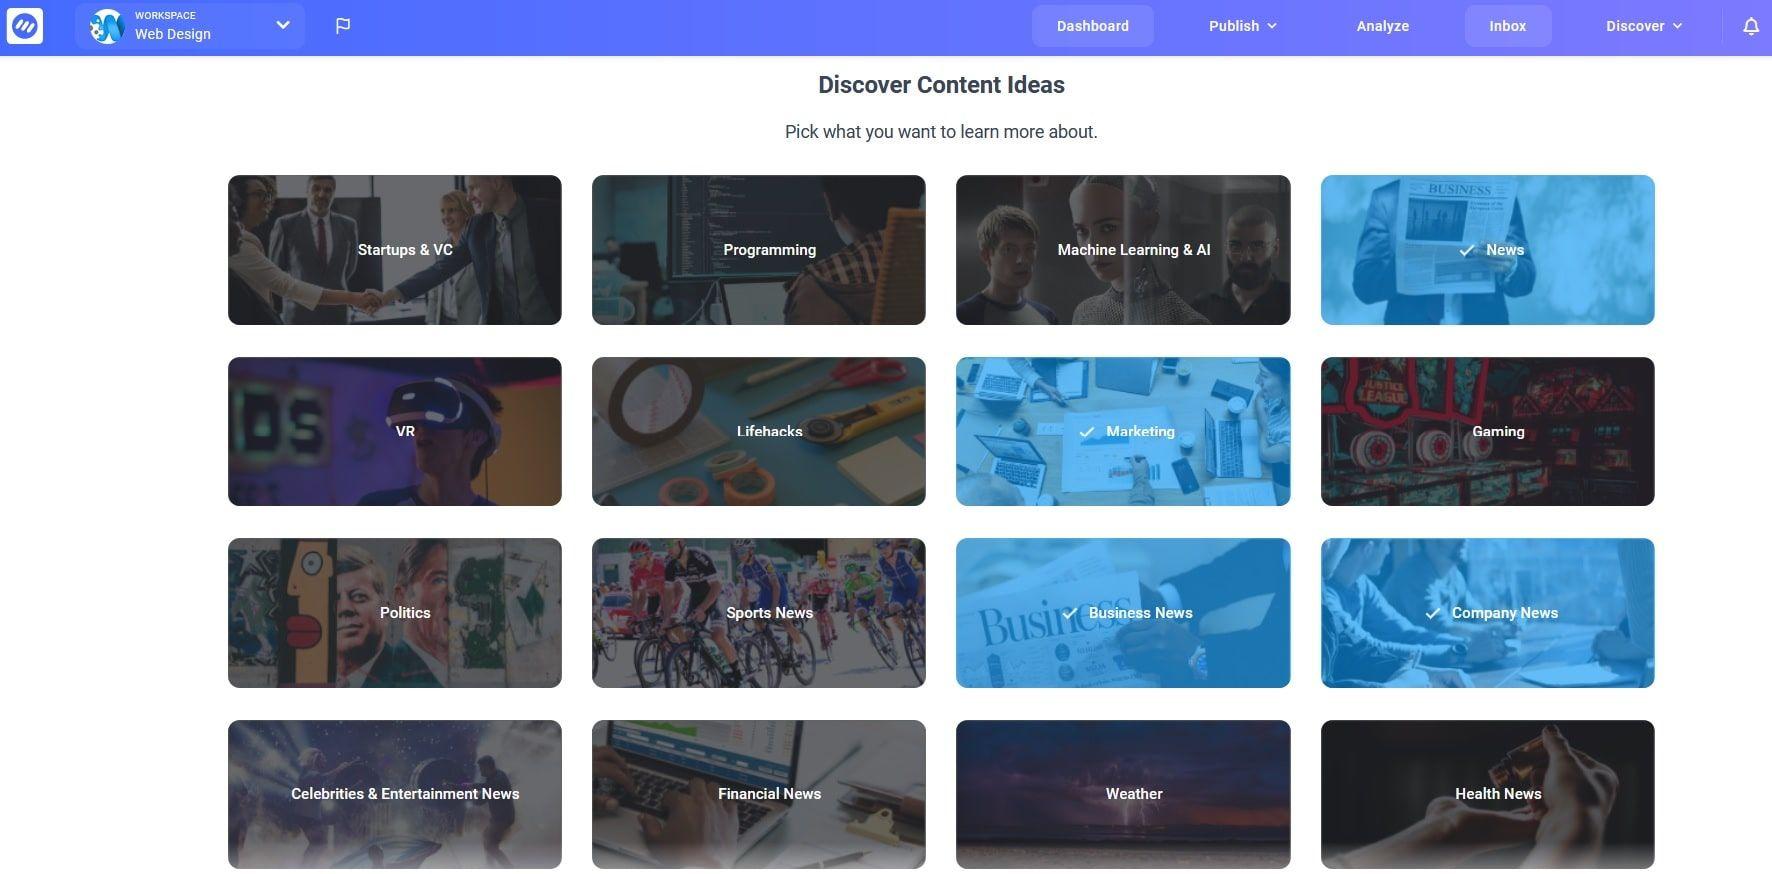 Выбирайте в ContentStudio интересные для себя темы и отслеживайте тренды